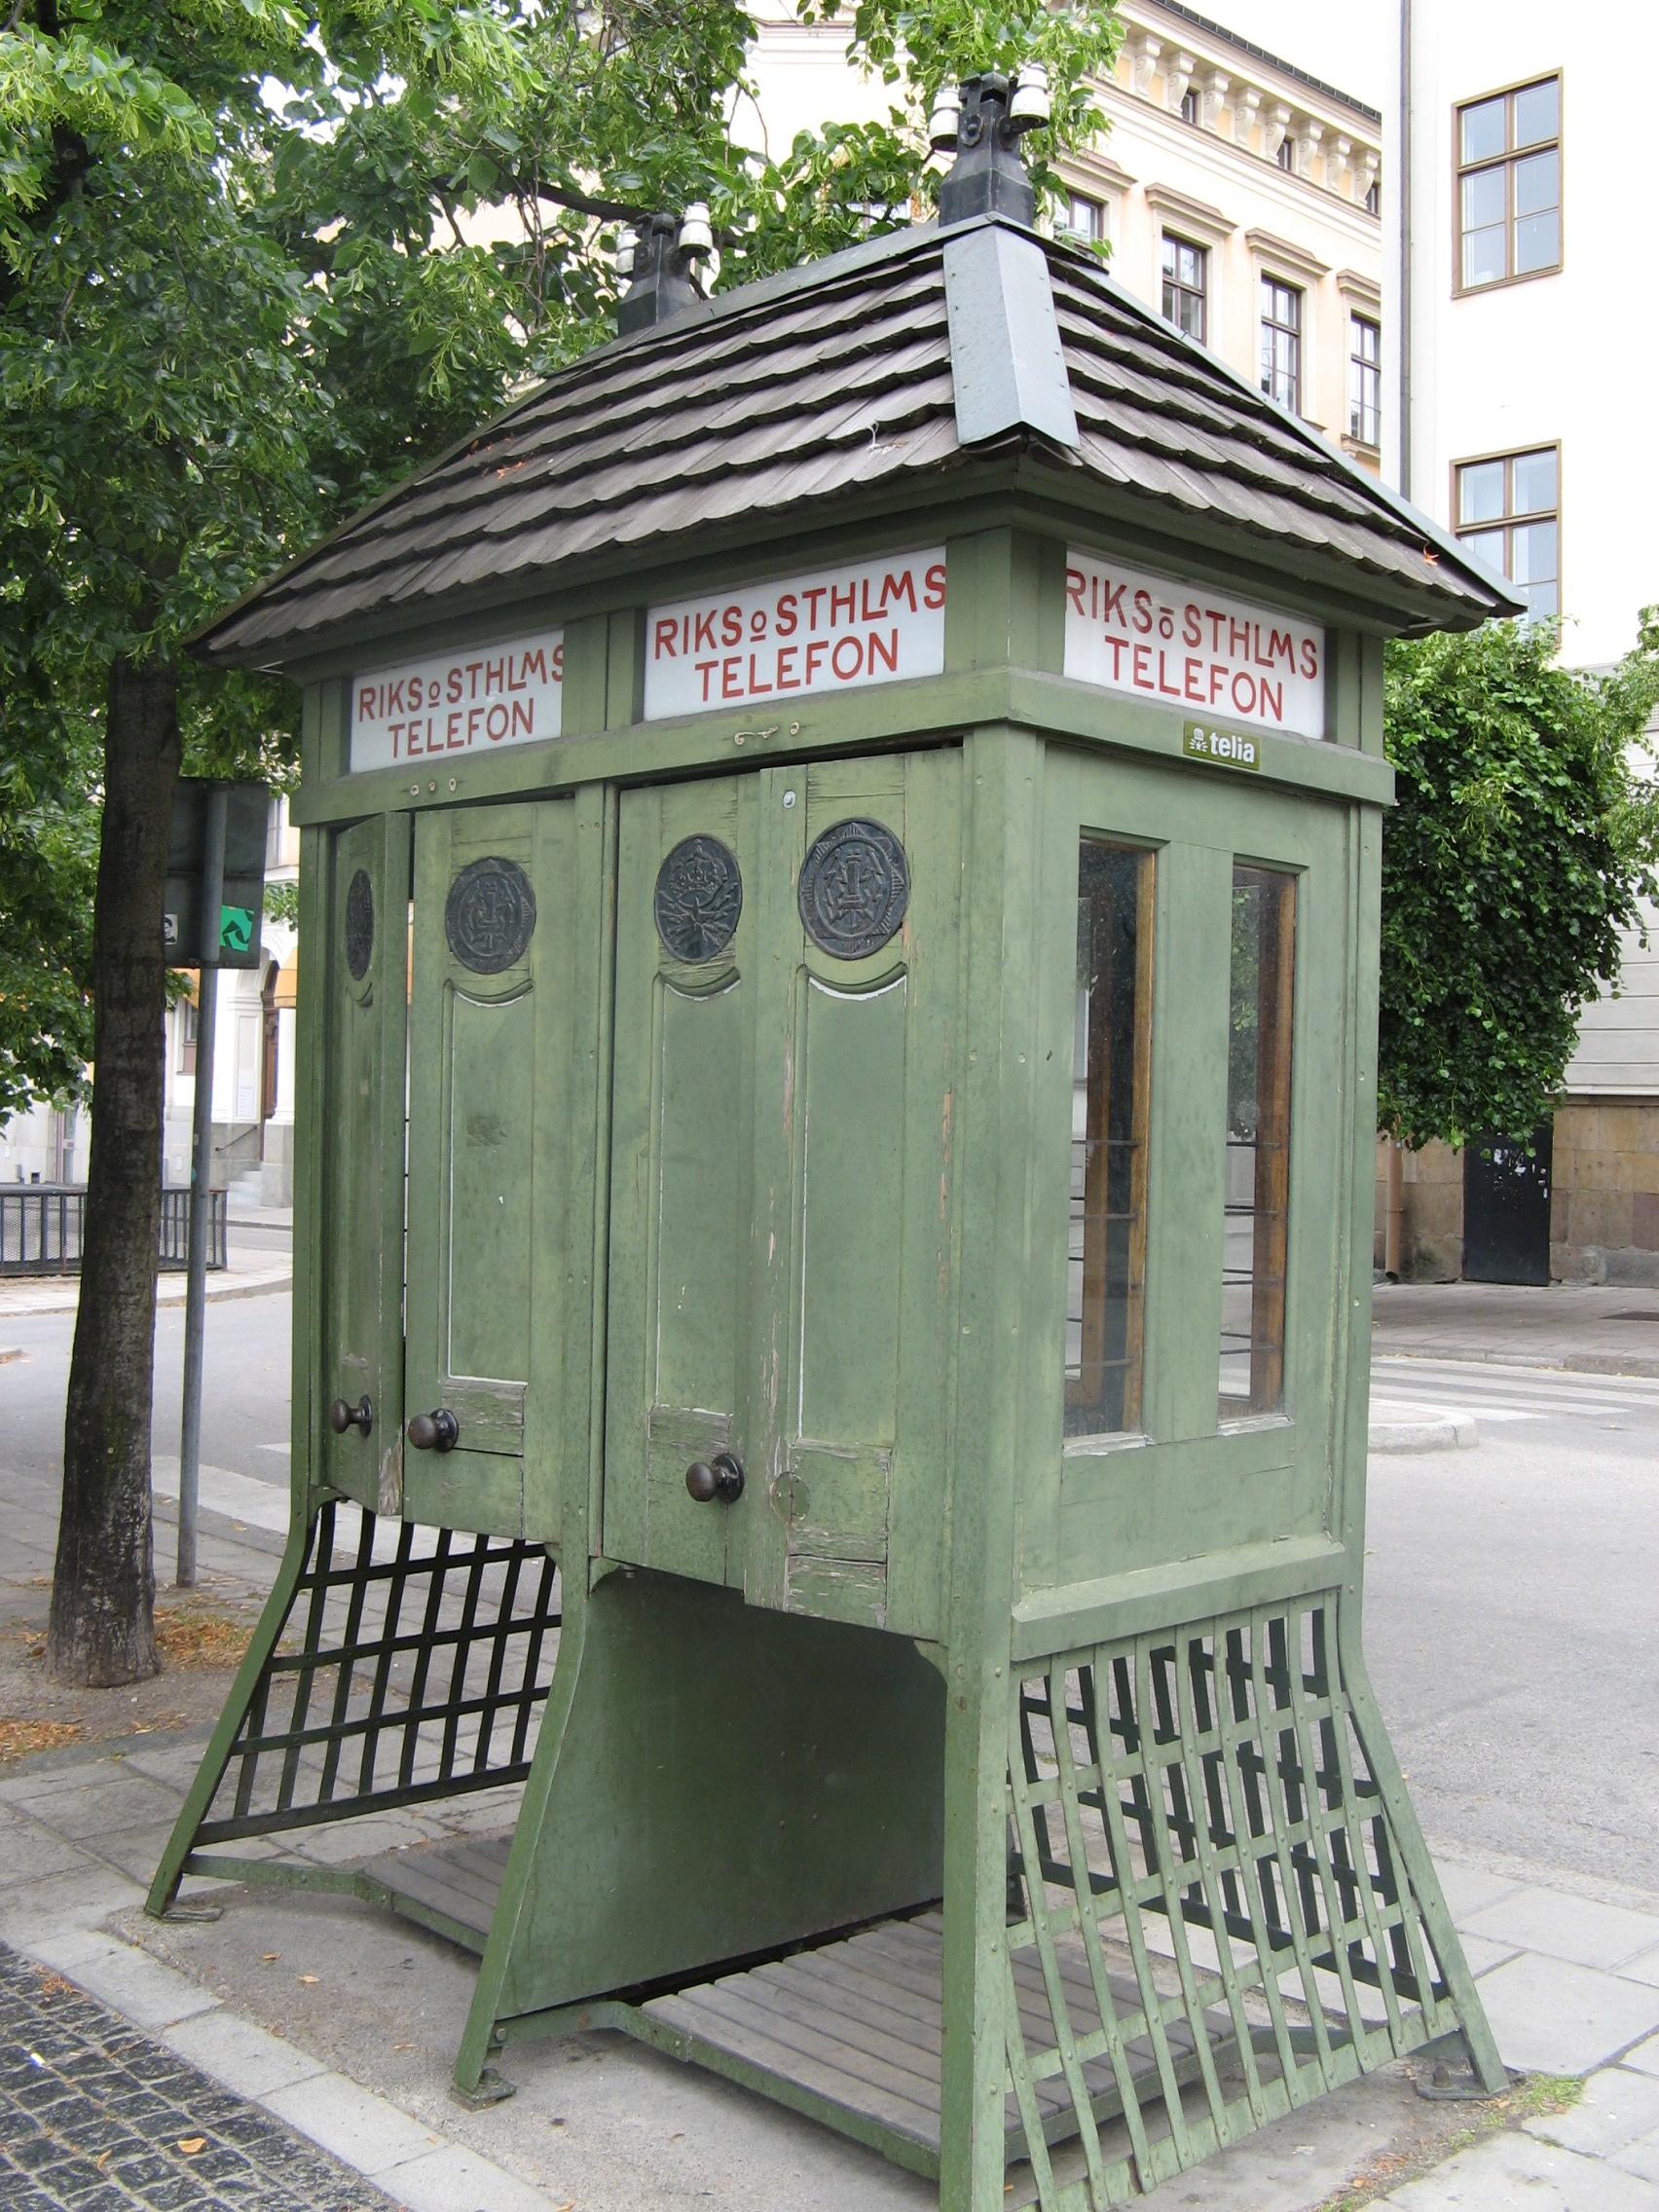 Cabine t l phonique - Cabine telephonique a vendre ...